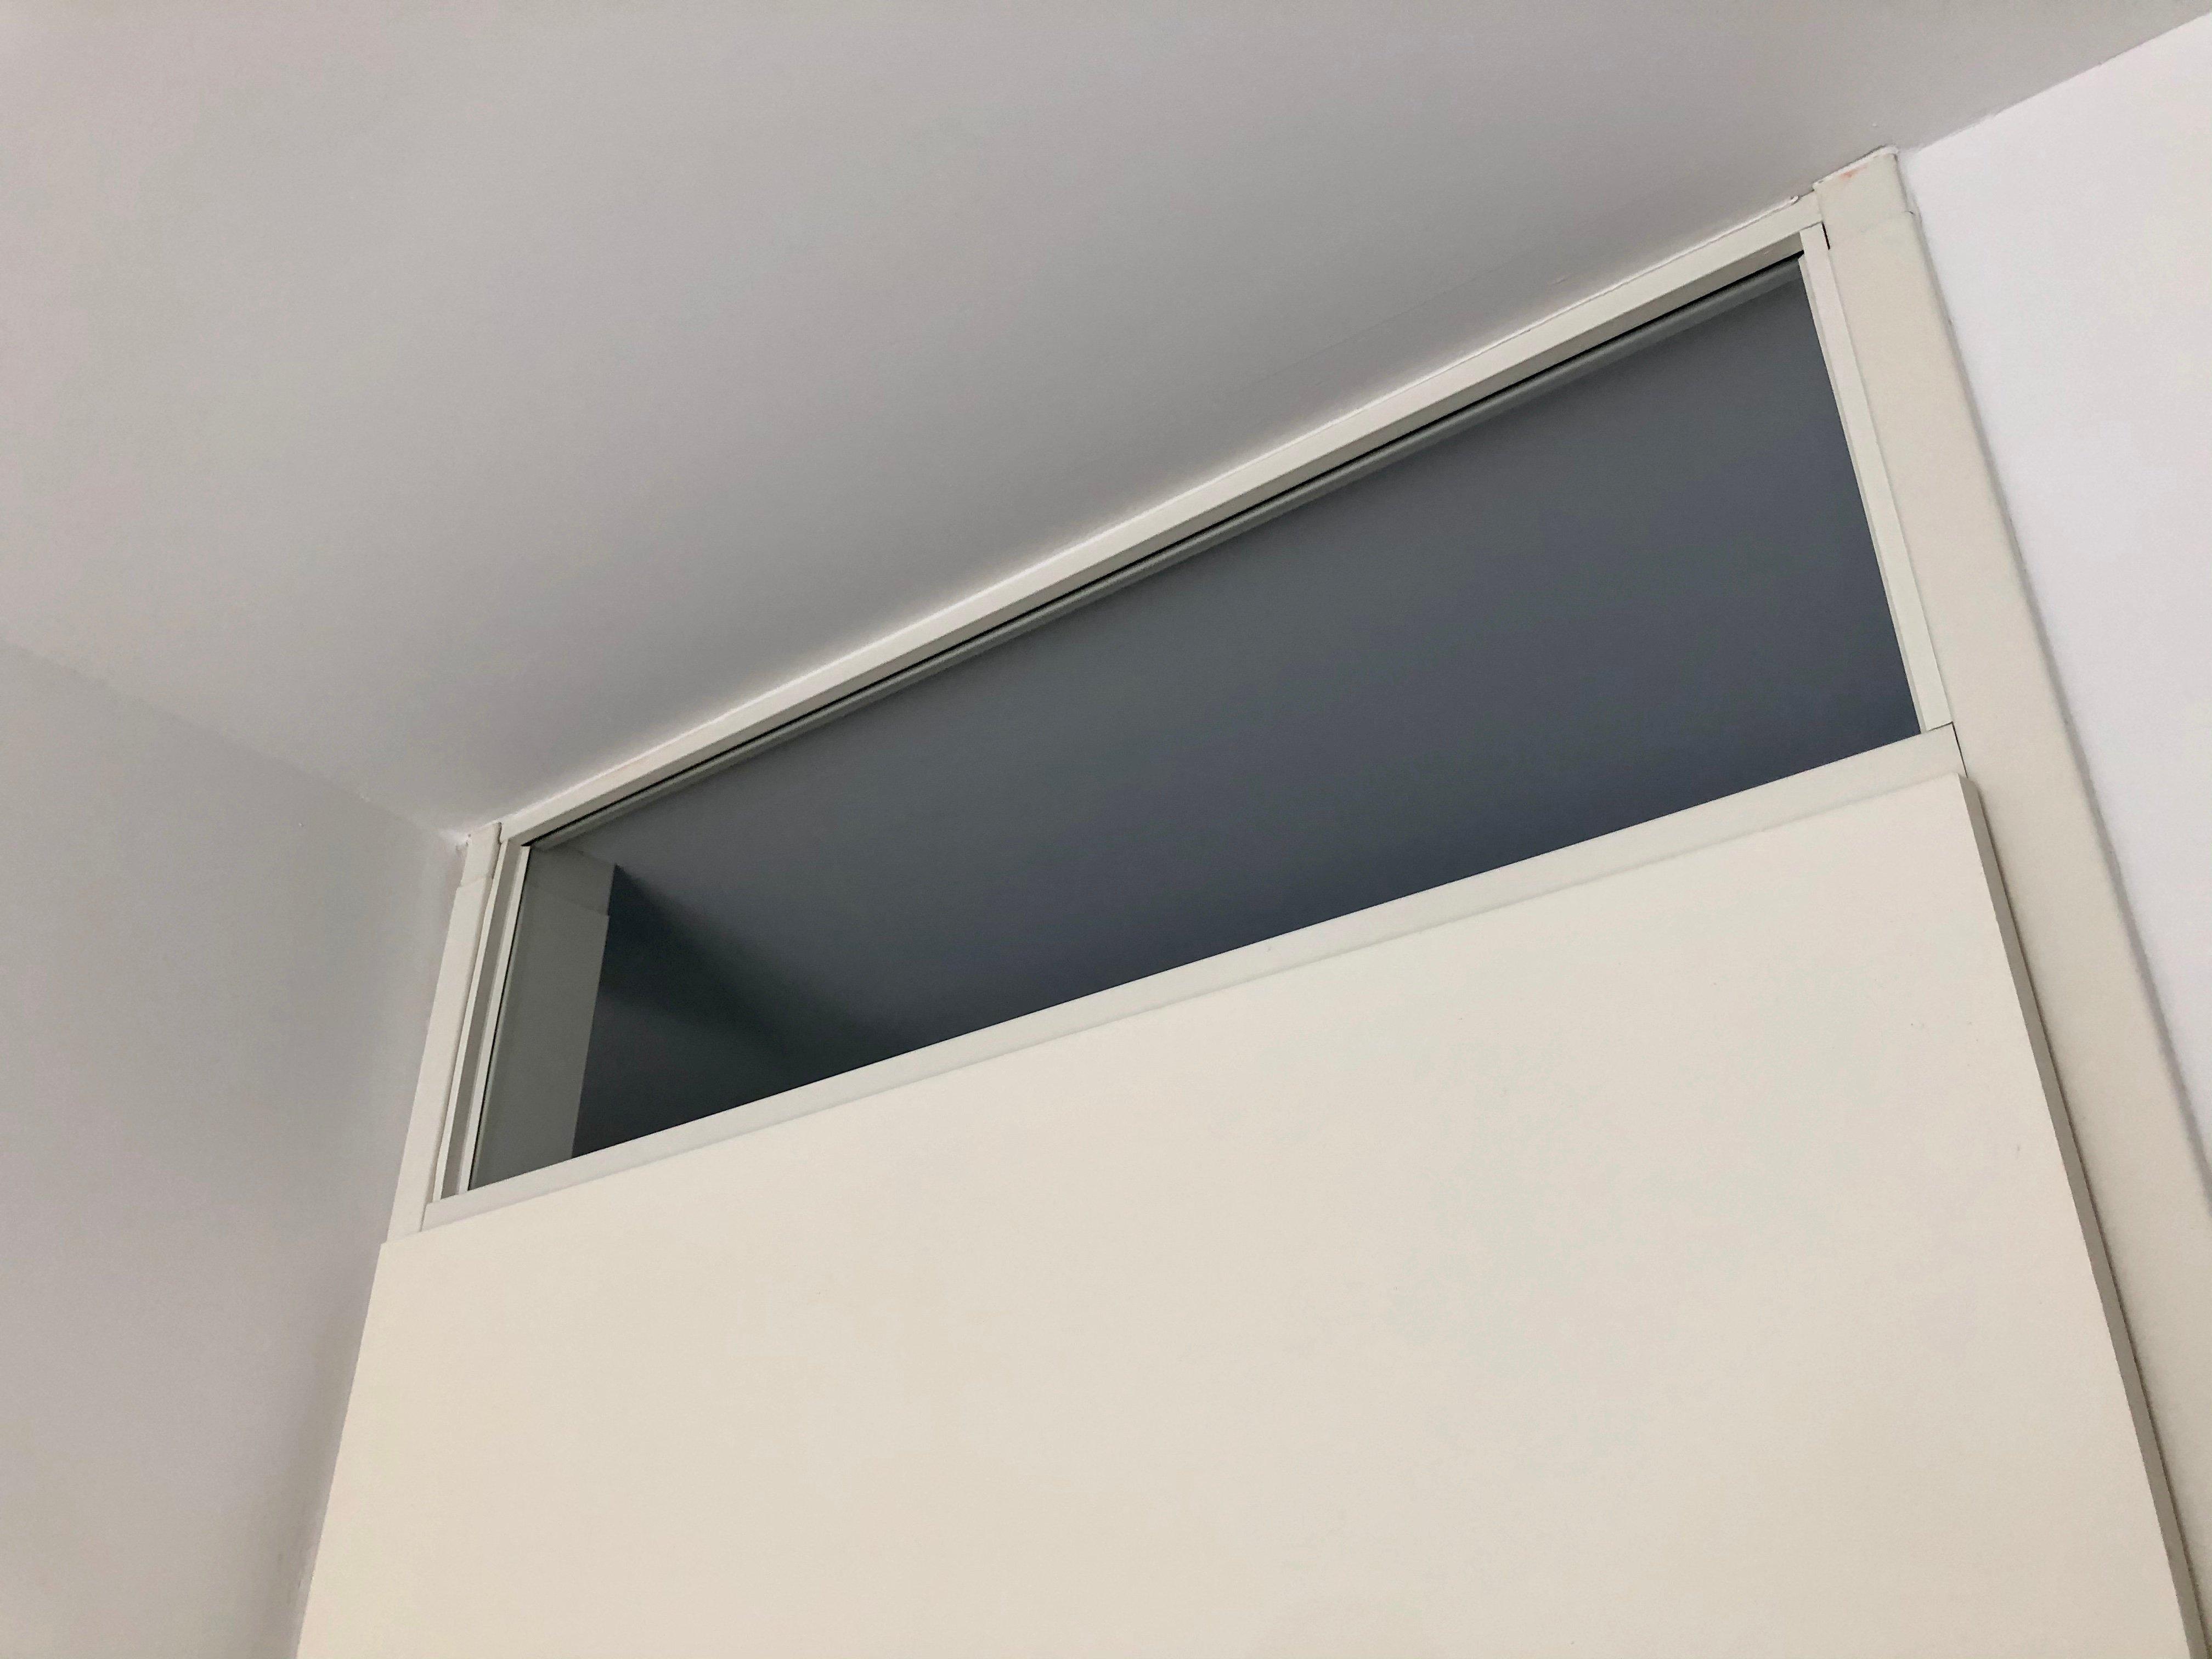 Bovenlicht deur dicht maken